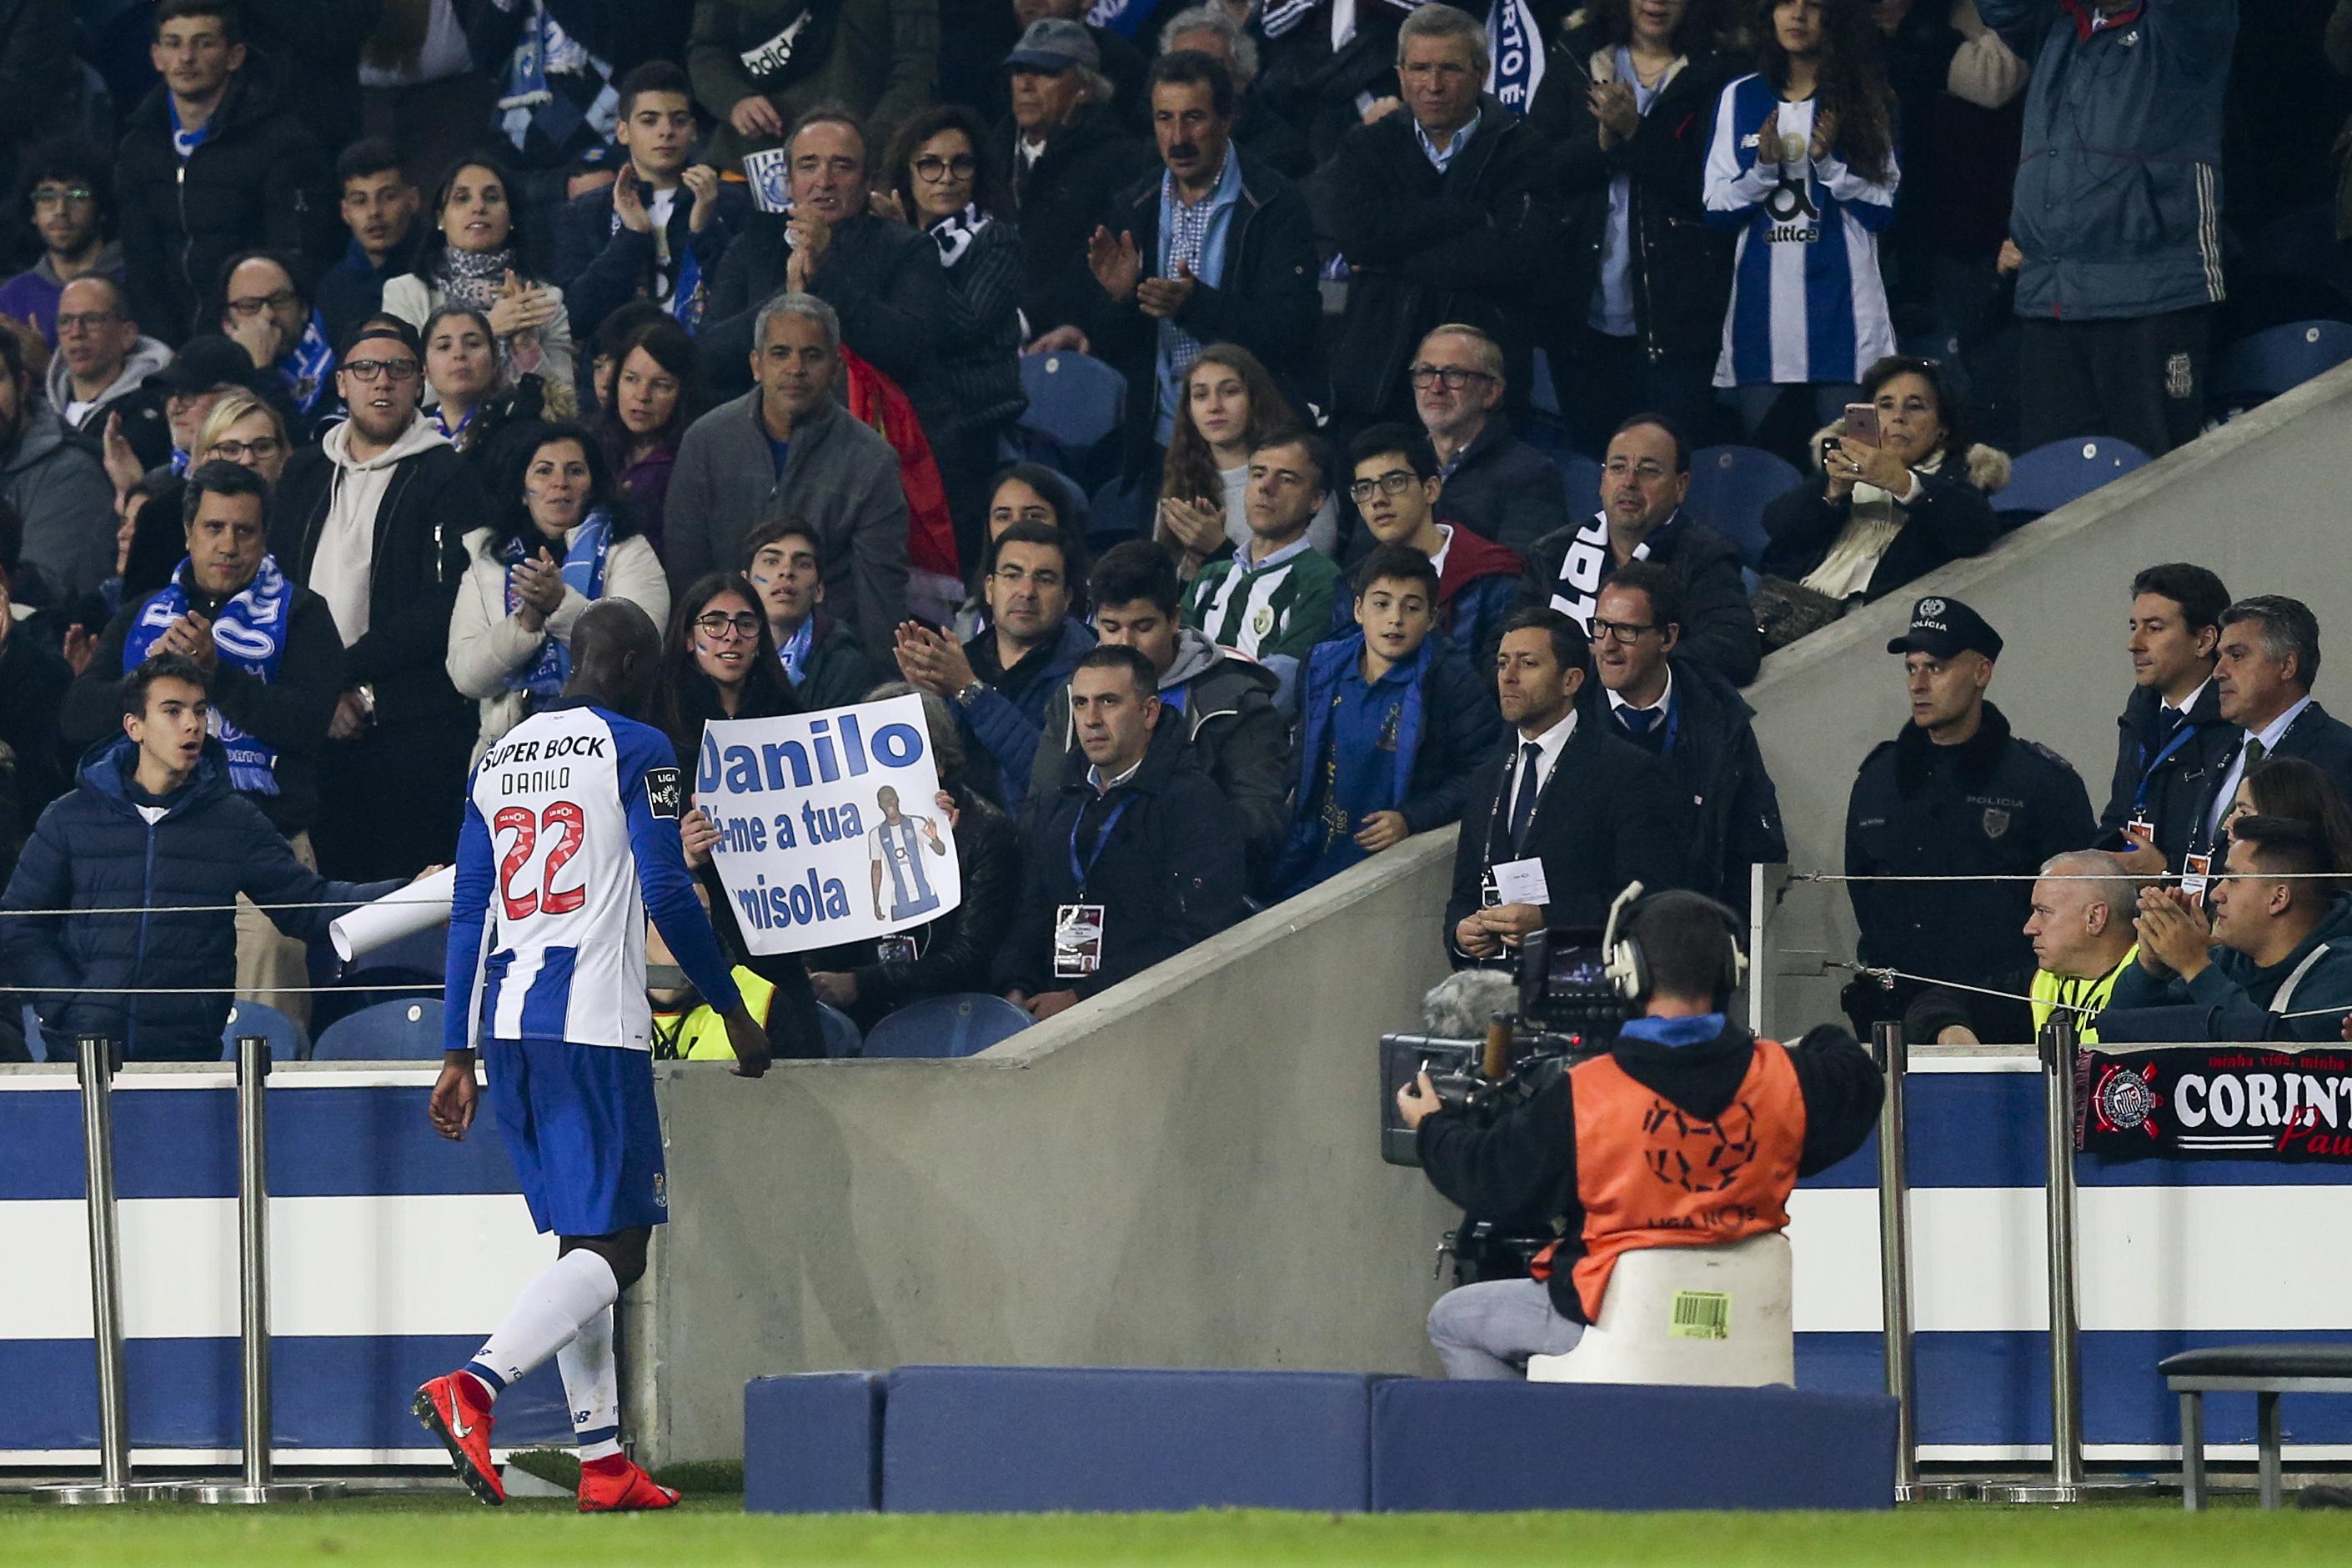 Danilo volta a realizar tratamento ao tornozelo e falha treino do FC Porto